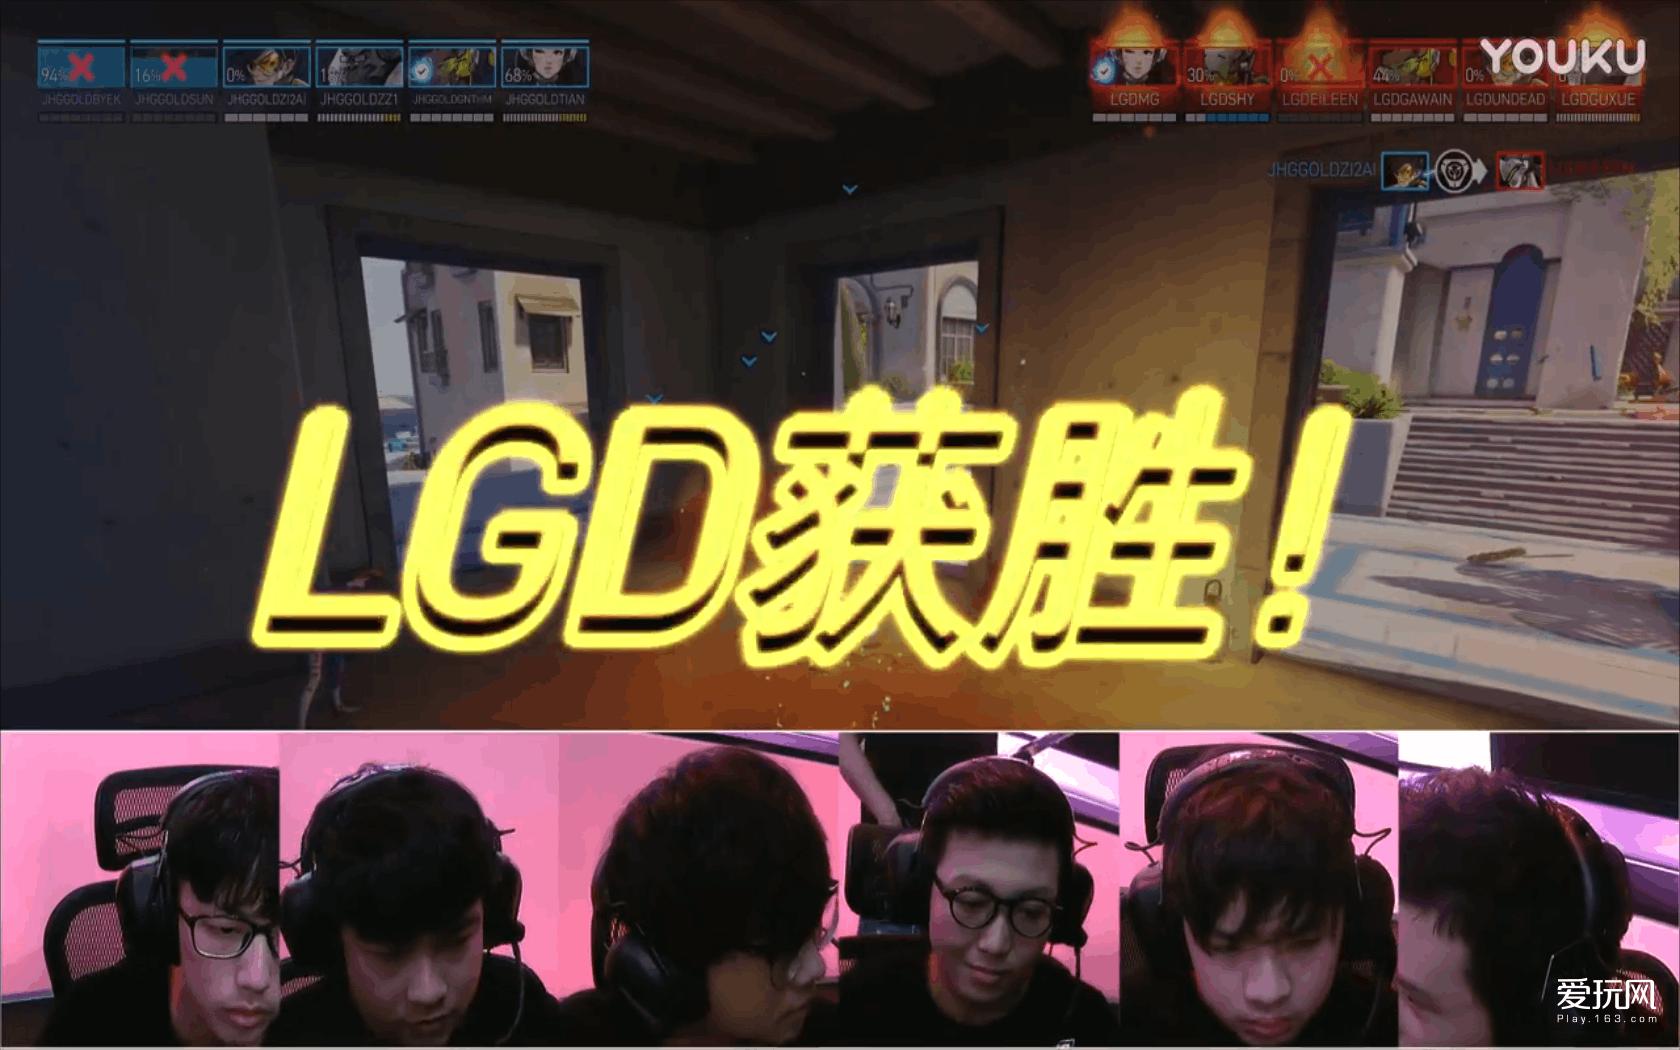 守望先锋联赛:LGD未尝一败,禅雅塔成放狗关键